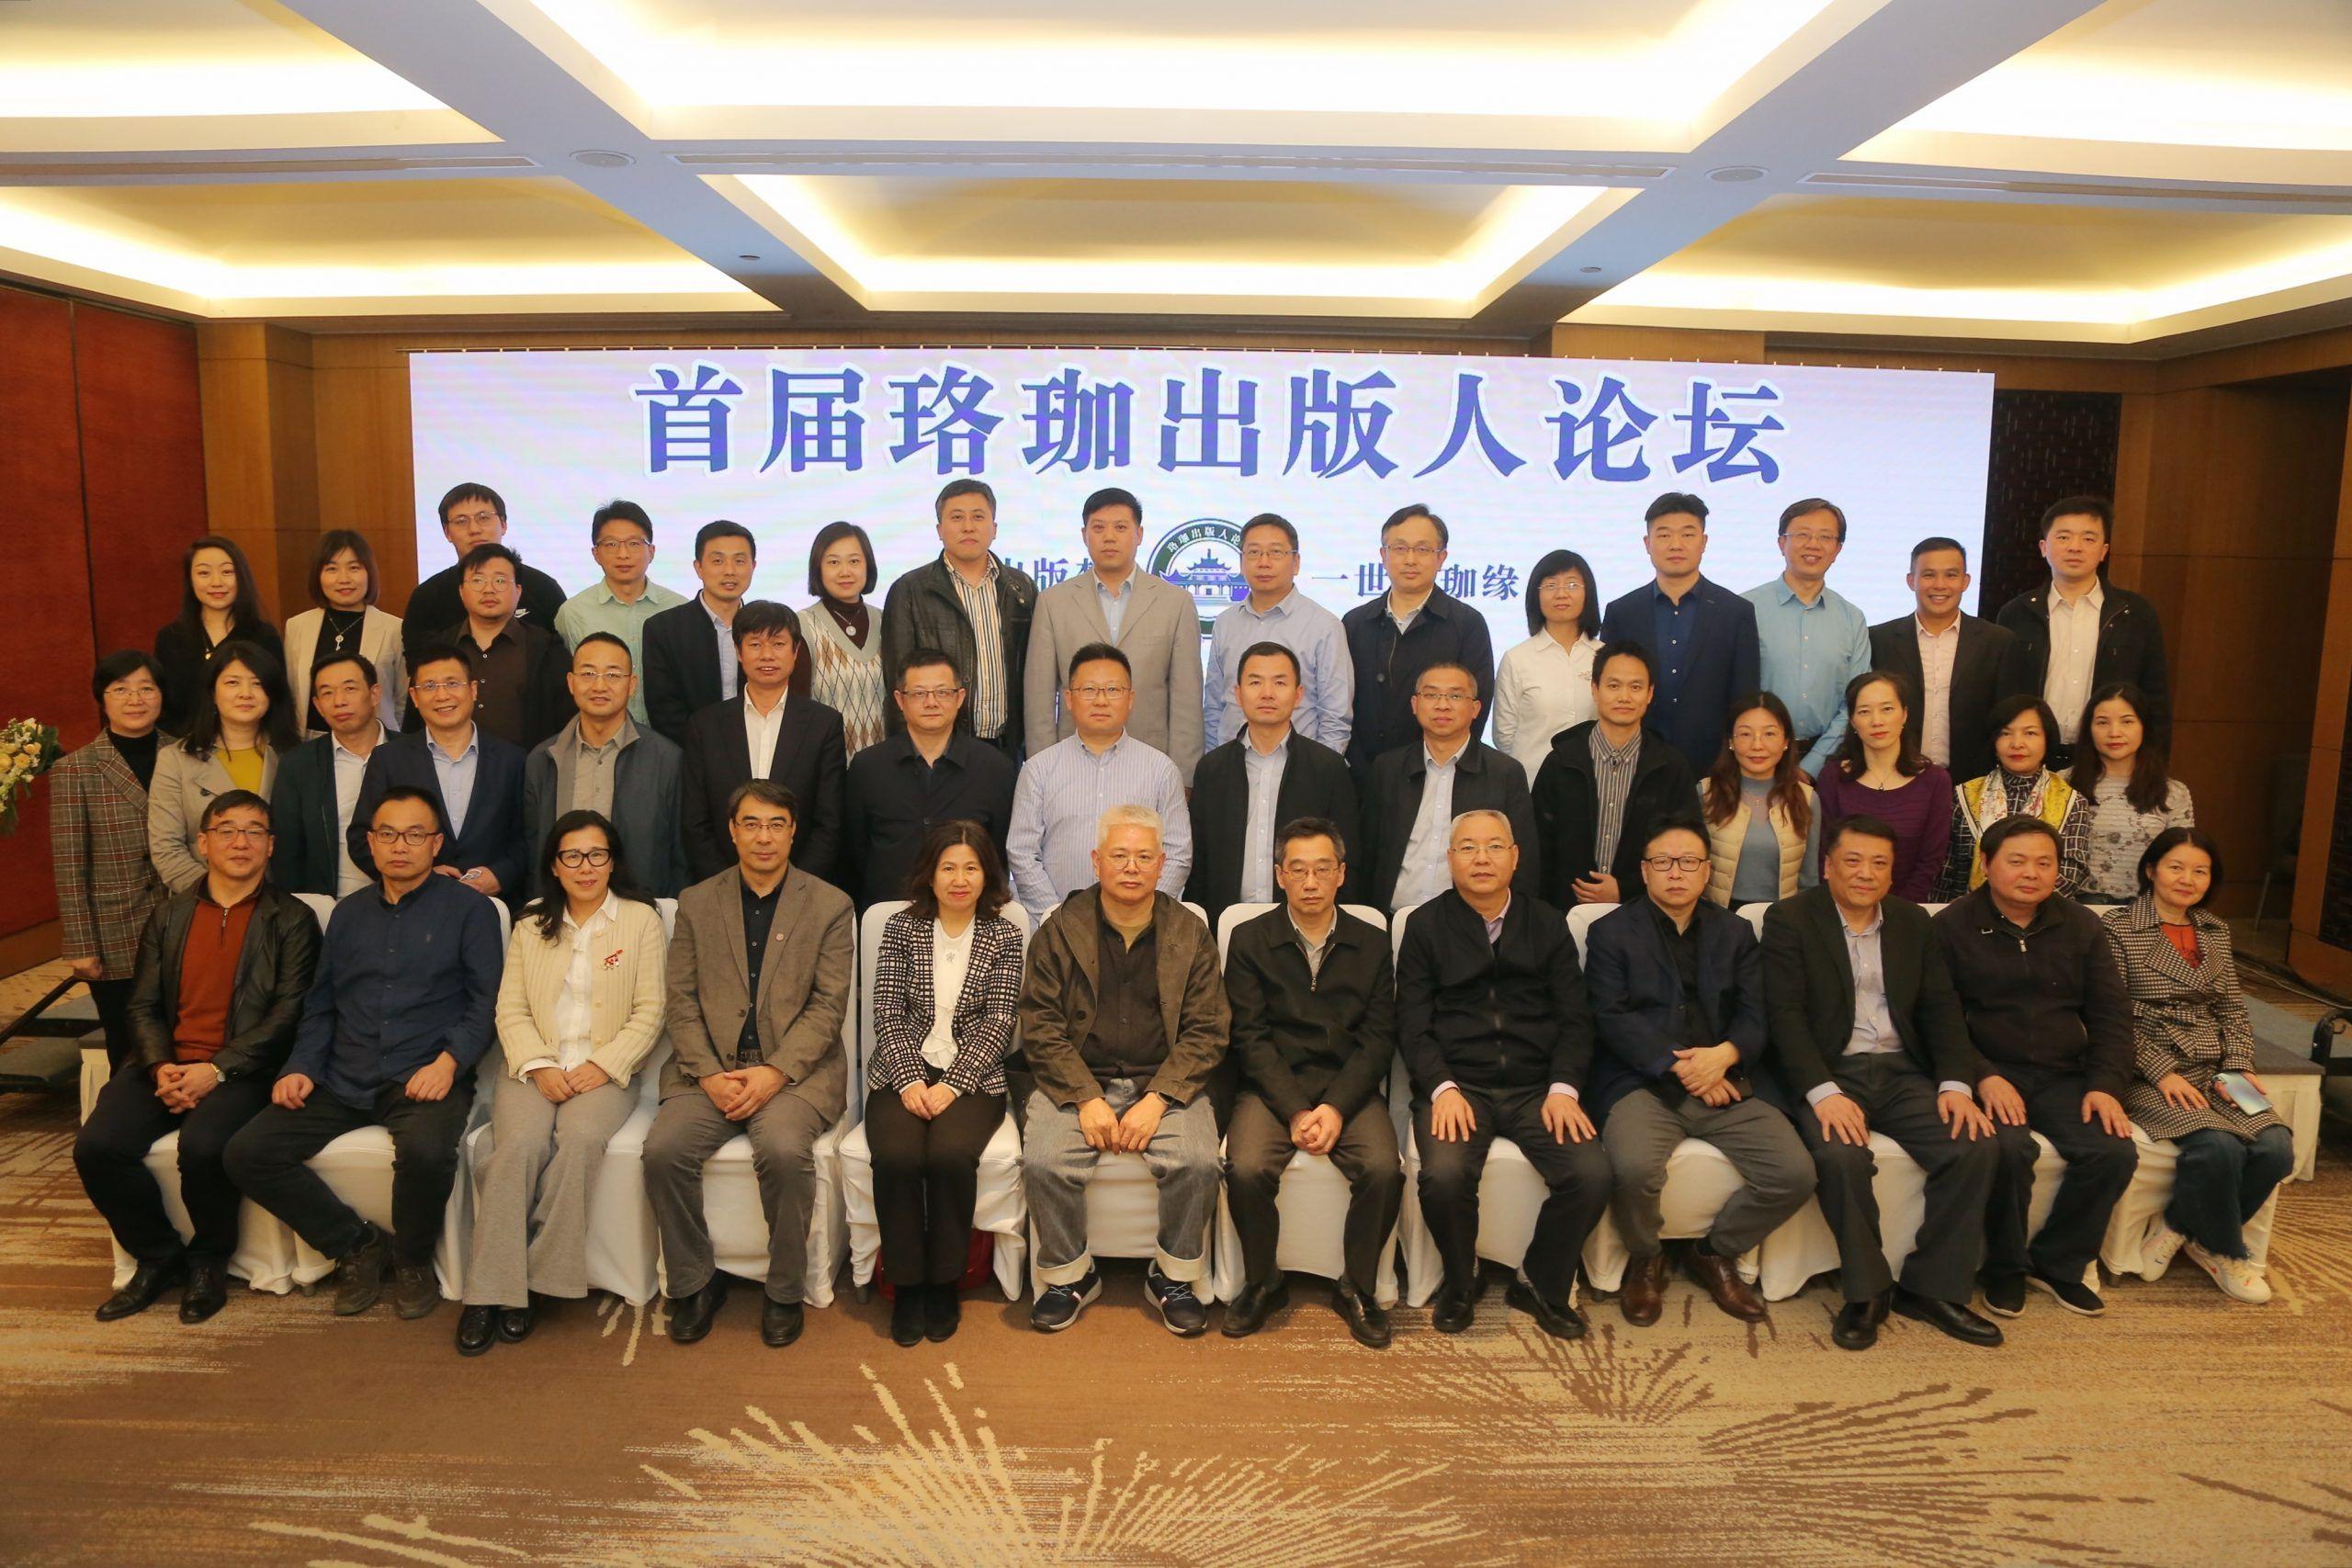 书业远景 人才未来 ——首届珞珈出版人论坛在京举办